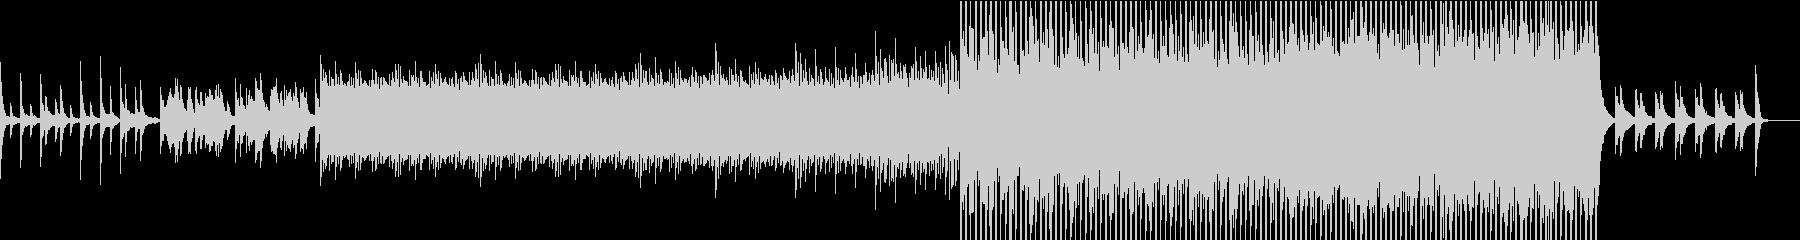 決意のピアノ曲の未再生の波形